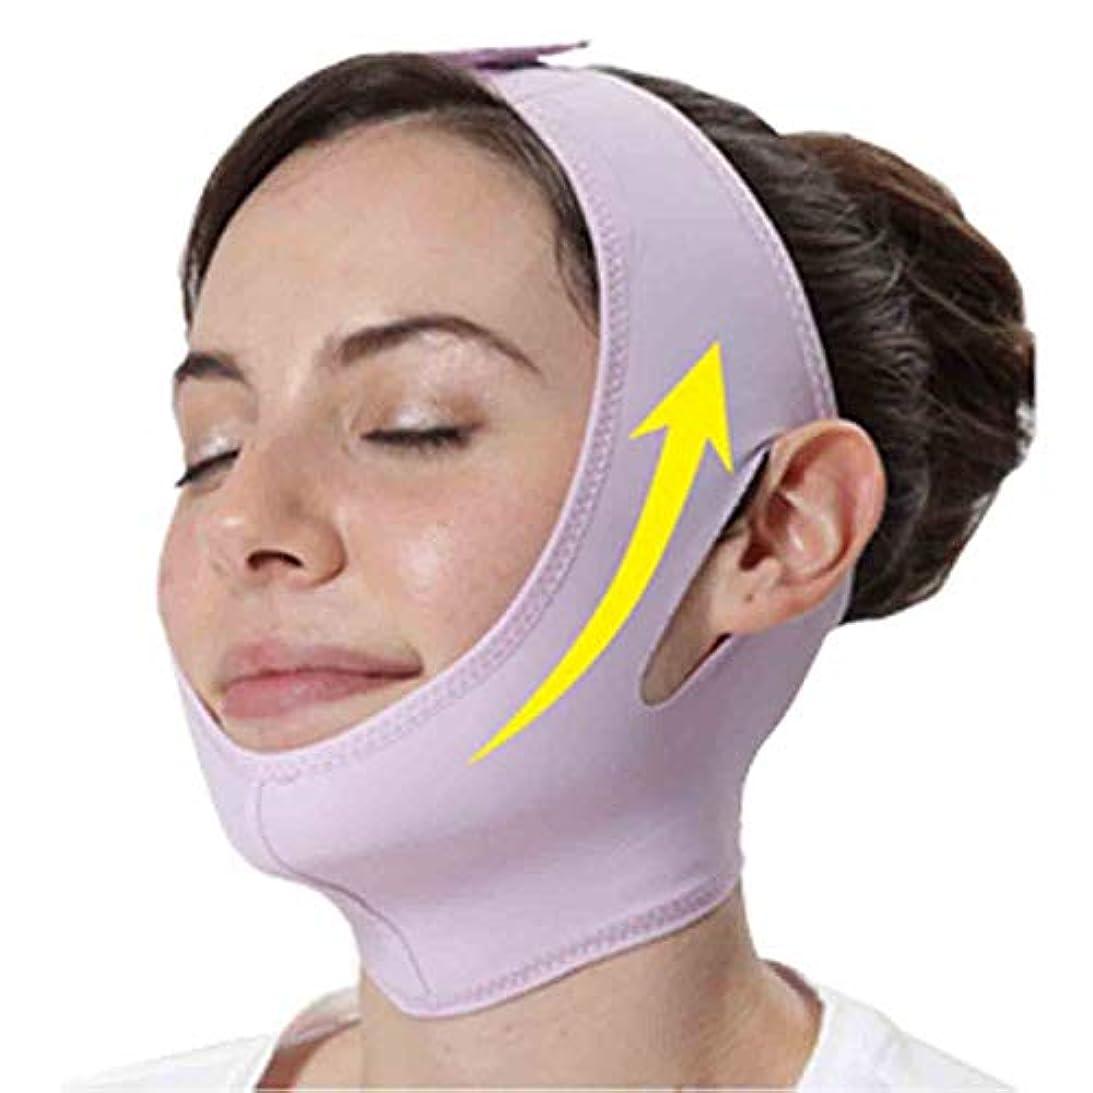 帳面タックル発生するAlleygem_GJ 小顔 矯正 マスク リフトアップ メンズ レディース FceMsk